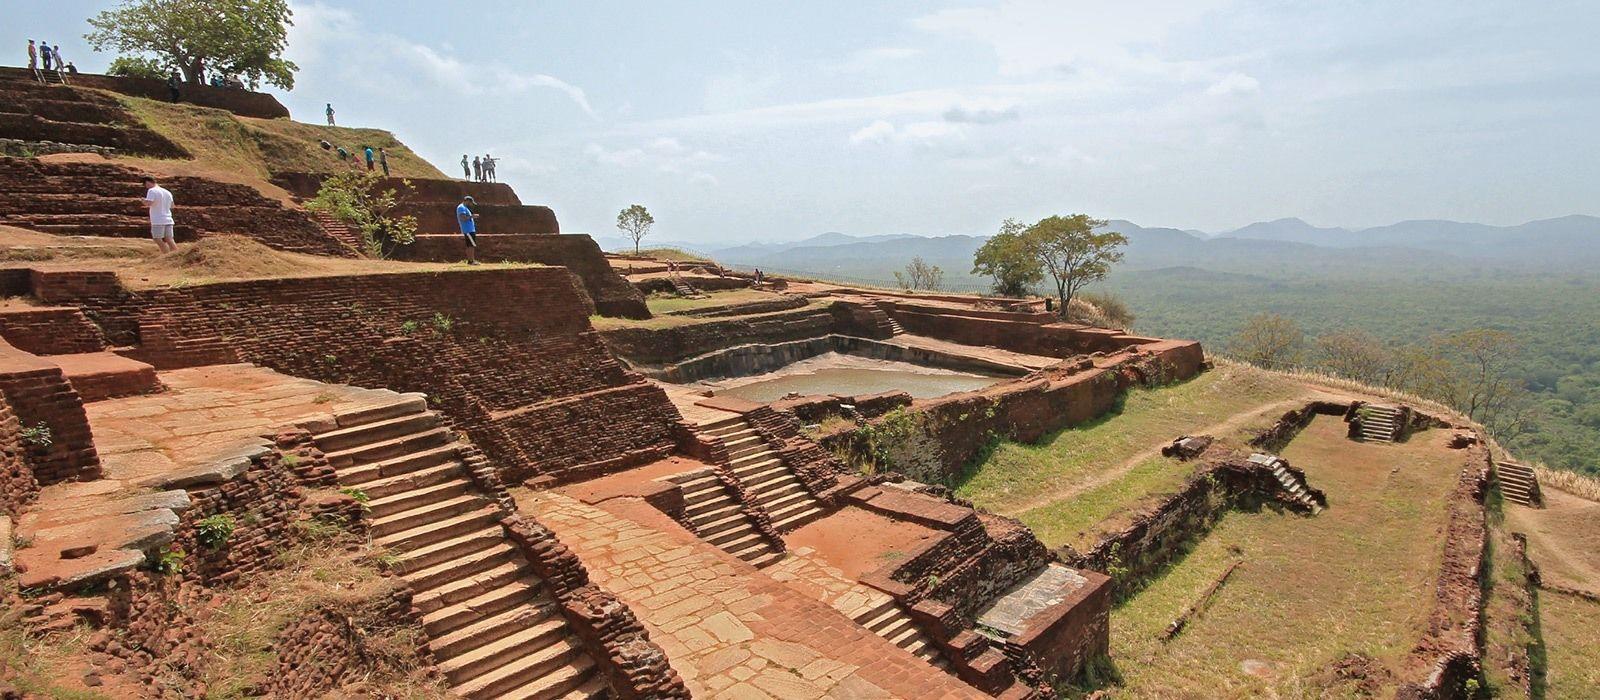 Reiseziel Sigiriya Sri Lanka